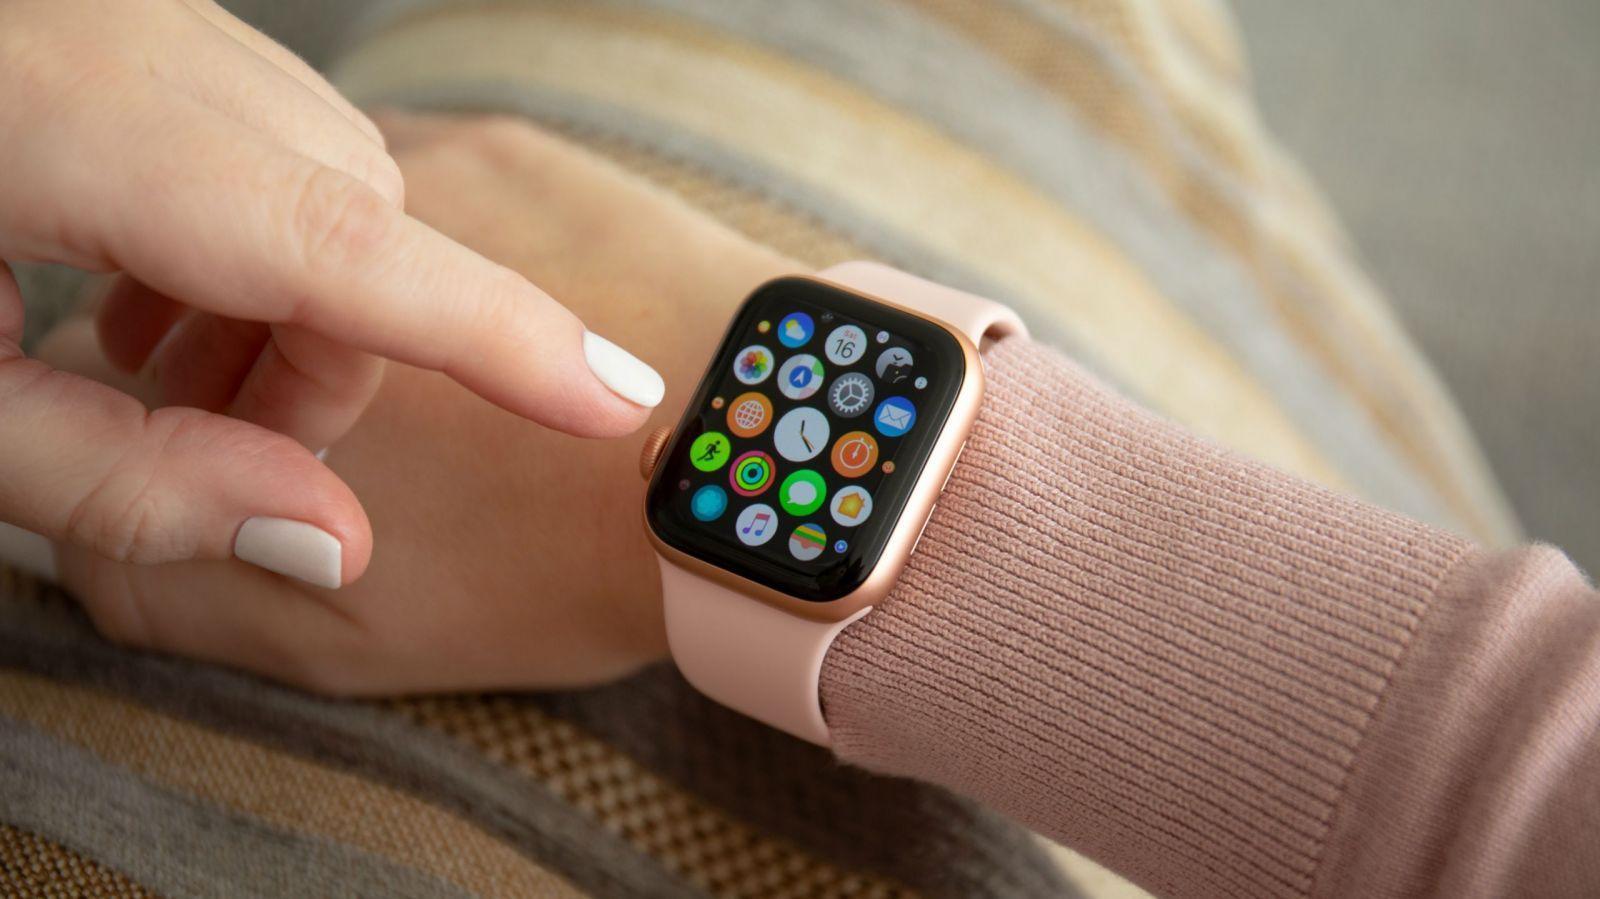 Apple Watch 6 смогут отслеживать артериальное давление (2rmovmacxh8w9lzeppdvo9 scaled)